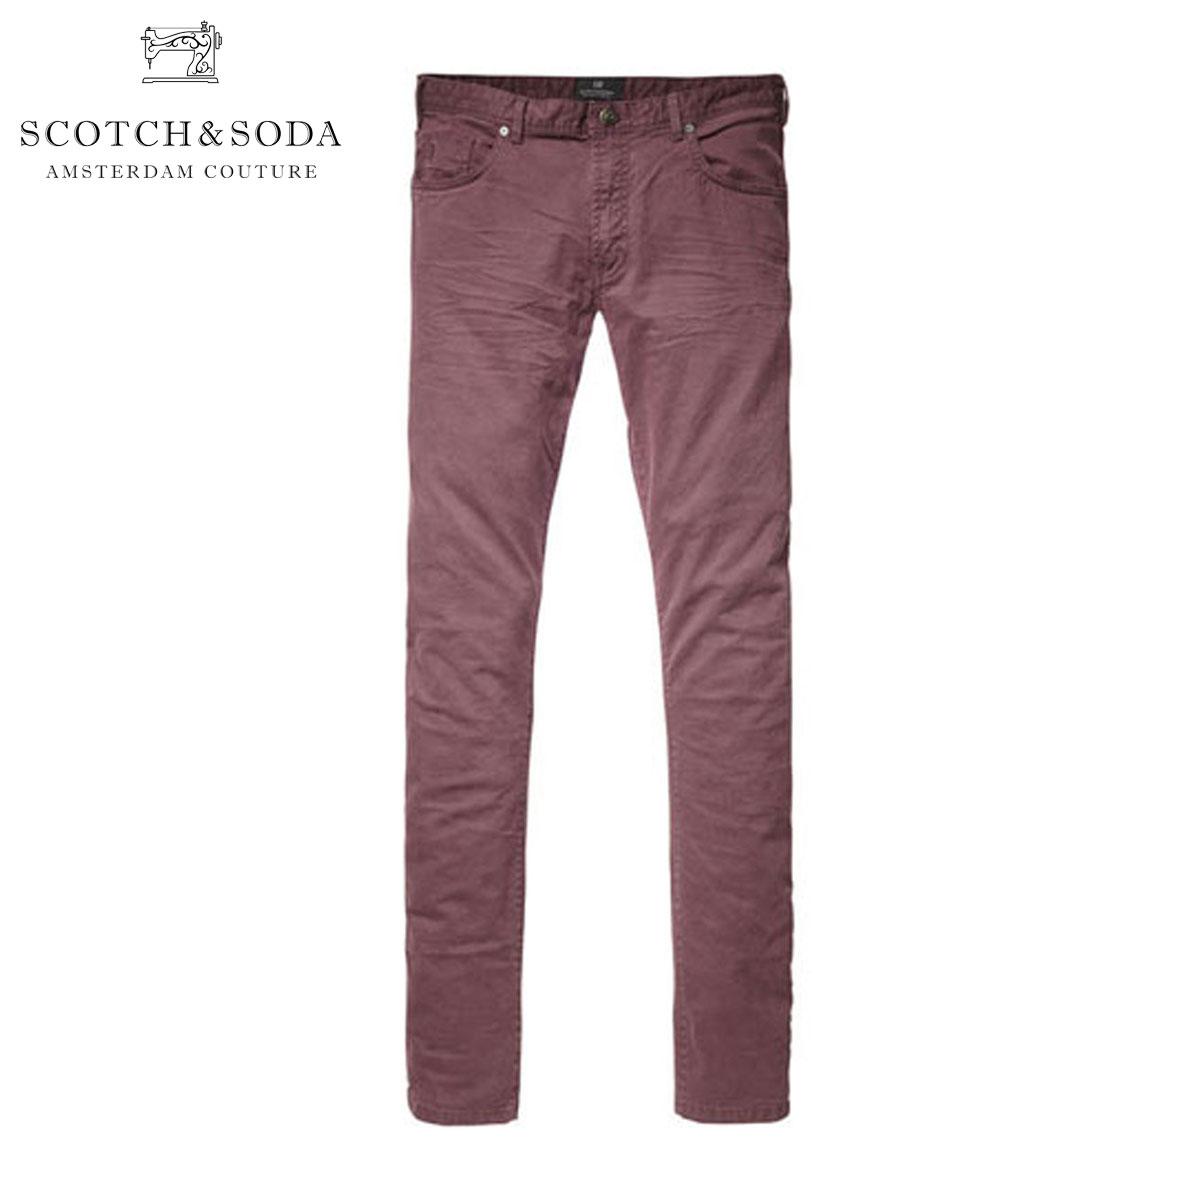 スコッチアンドソーダ ジーンズ メンズ 正規販売店 SCOTCH&SODA ジーパン 5-Pocket super slim fit pant in cotton/elastan quality with peach touch, Dylan 80005 34